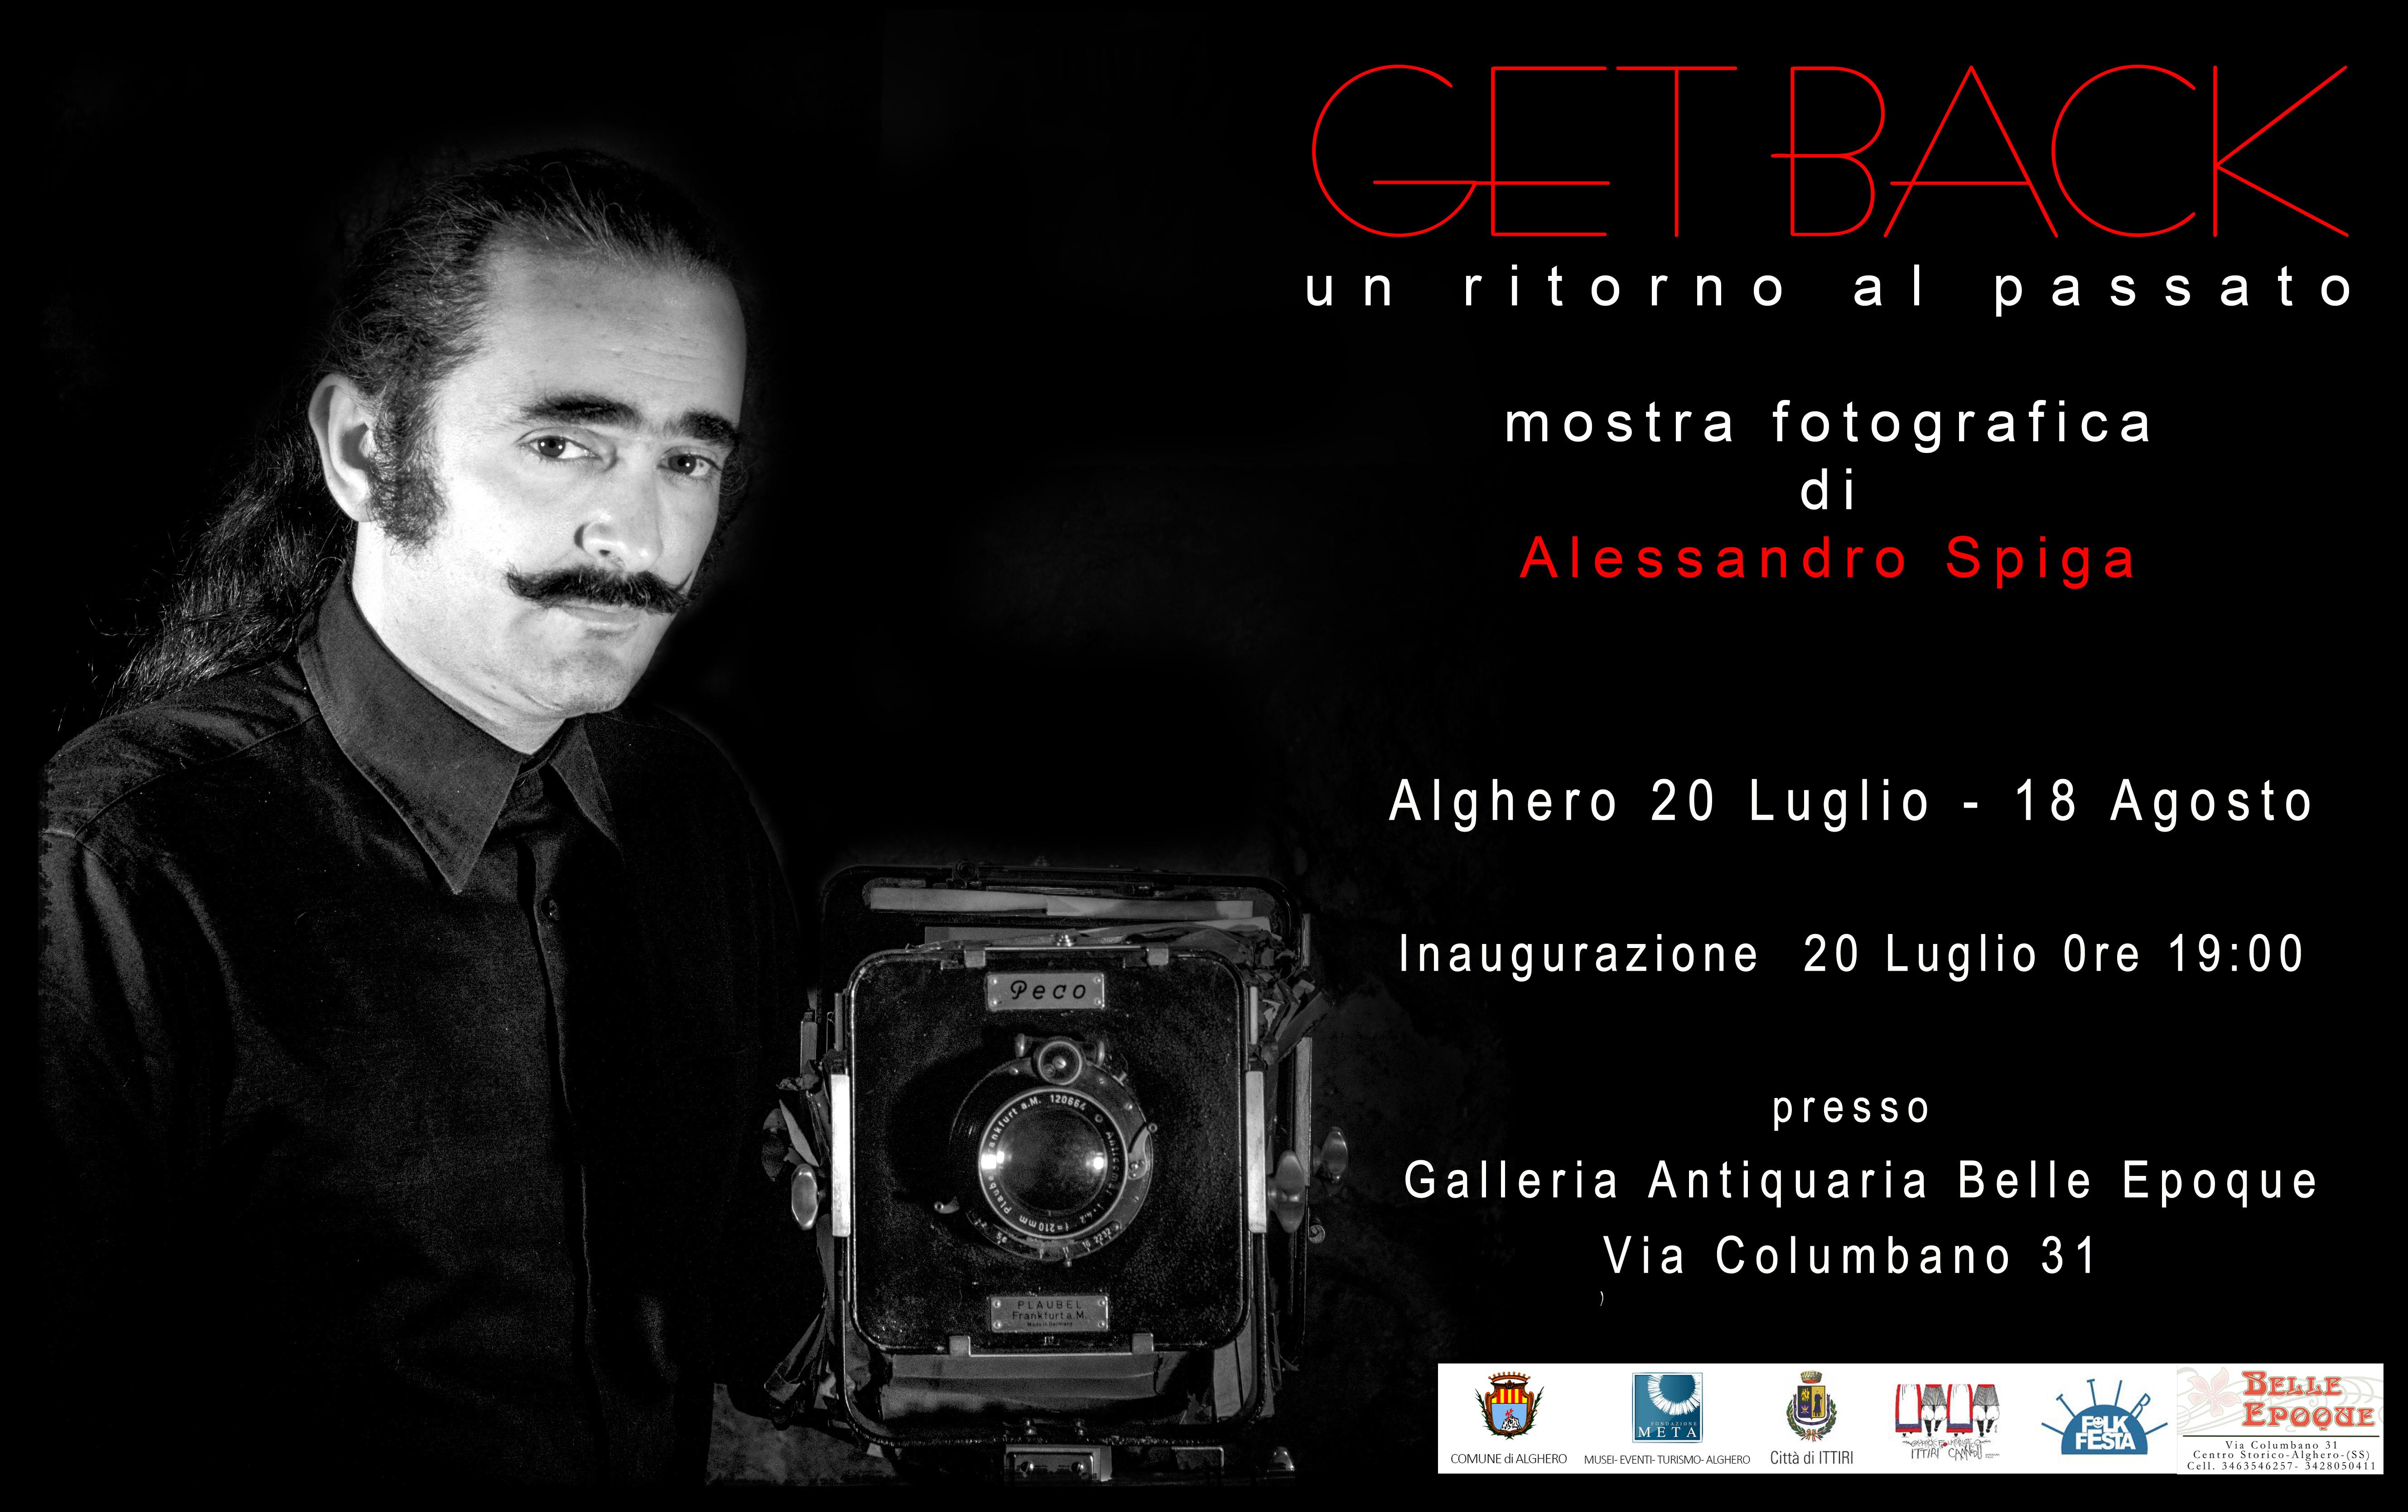 Get Back – Un ritorno al passato Mostra di Alessandro Spiga alla Galleria Antiquaria Belle Epoque ad Alghero dal 20 Luglio al 18 Agosto 2016.